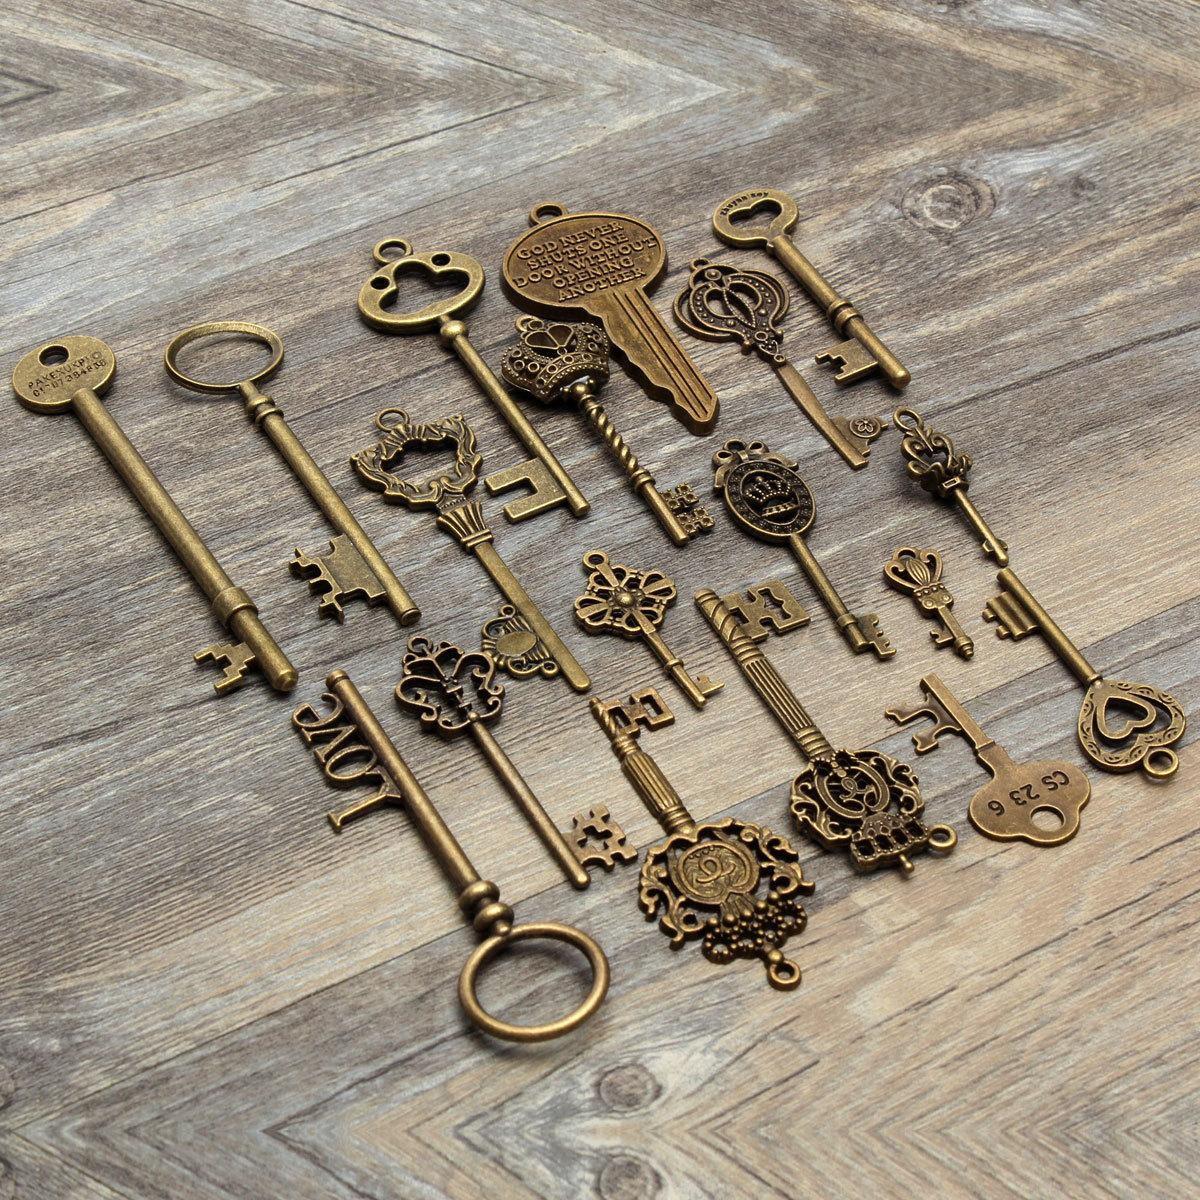 18 Assorted Antique Vintage VTG Old Look Skeleton Keys Bronze Steampunk Pendants 4